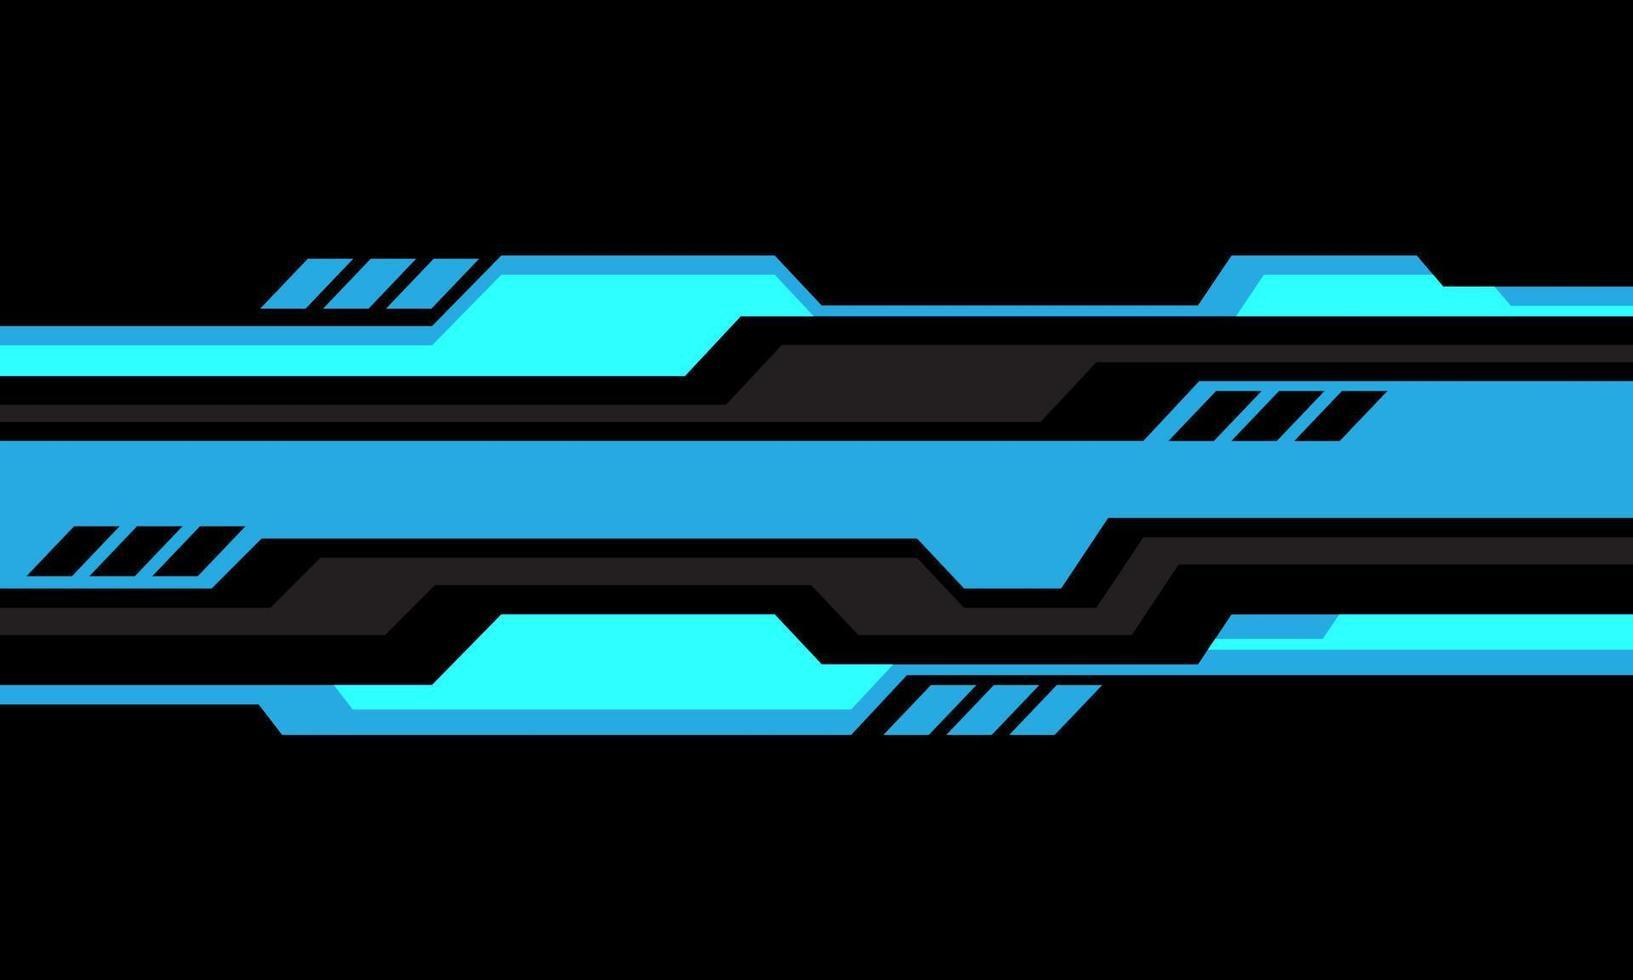 abstrato azul cinza cyber linha geométrica no design branco moderno futurista tecnologia fundo vector